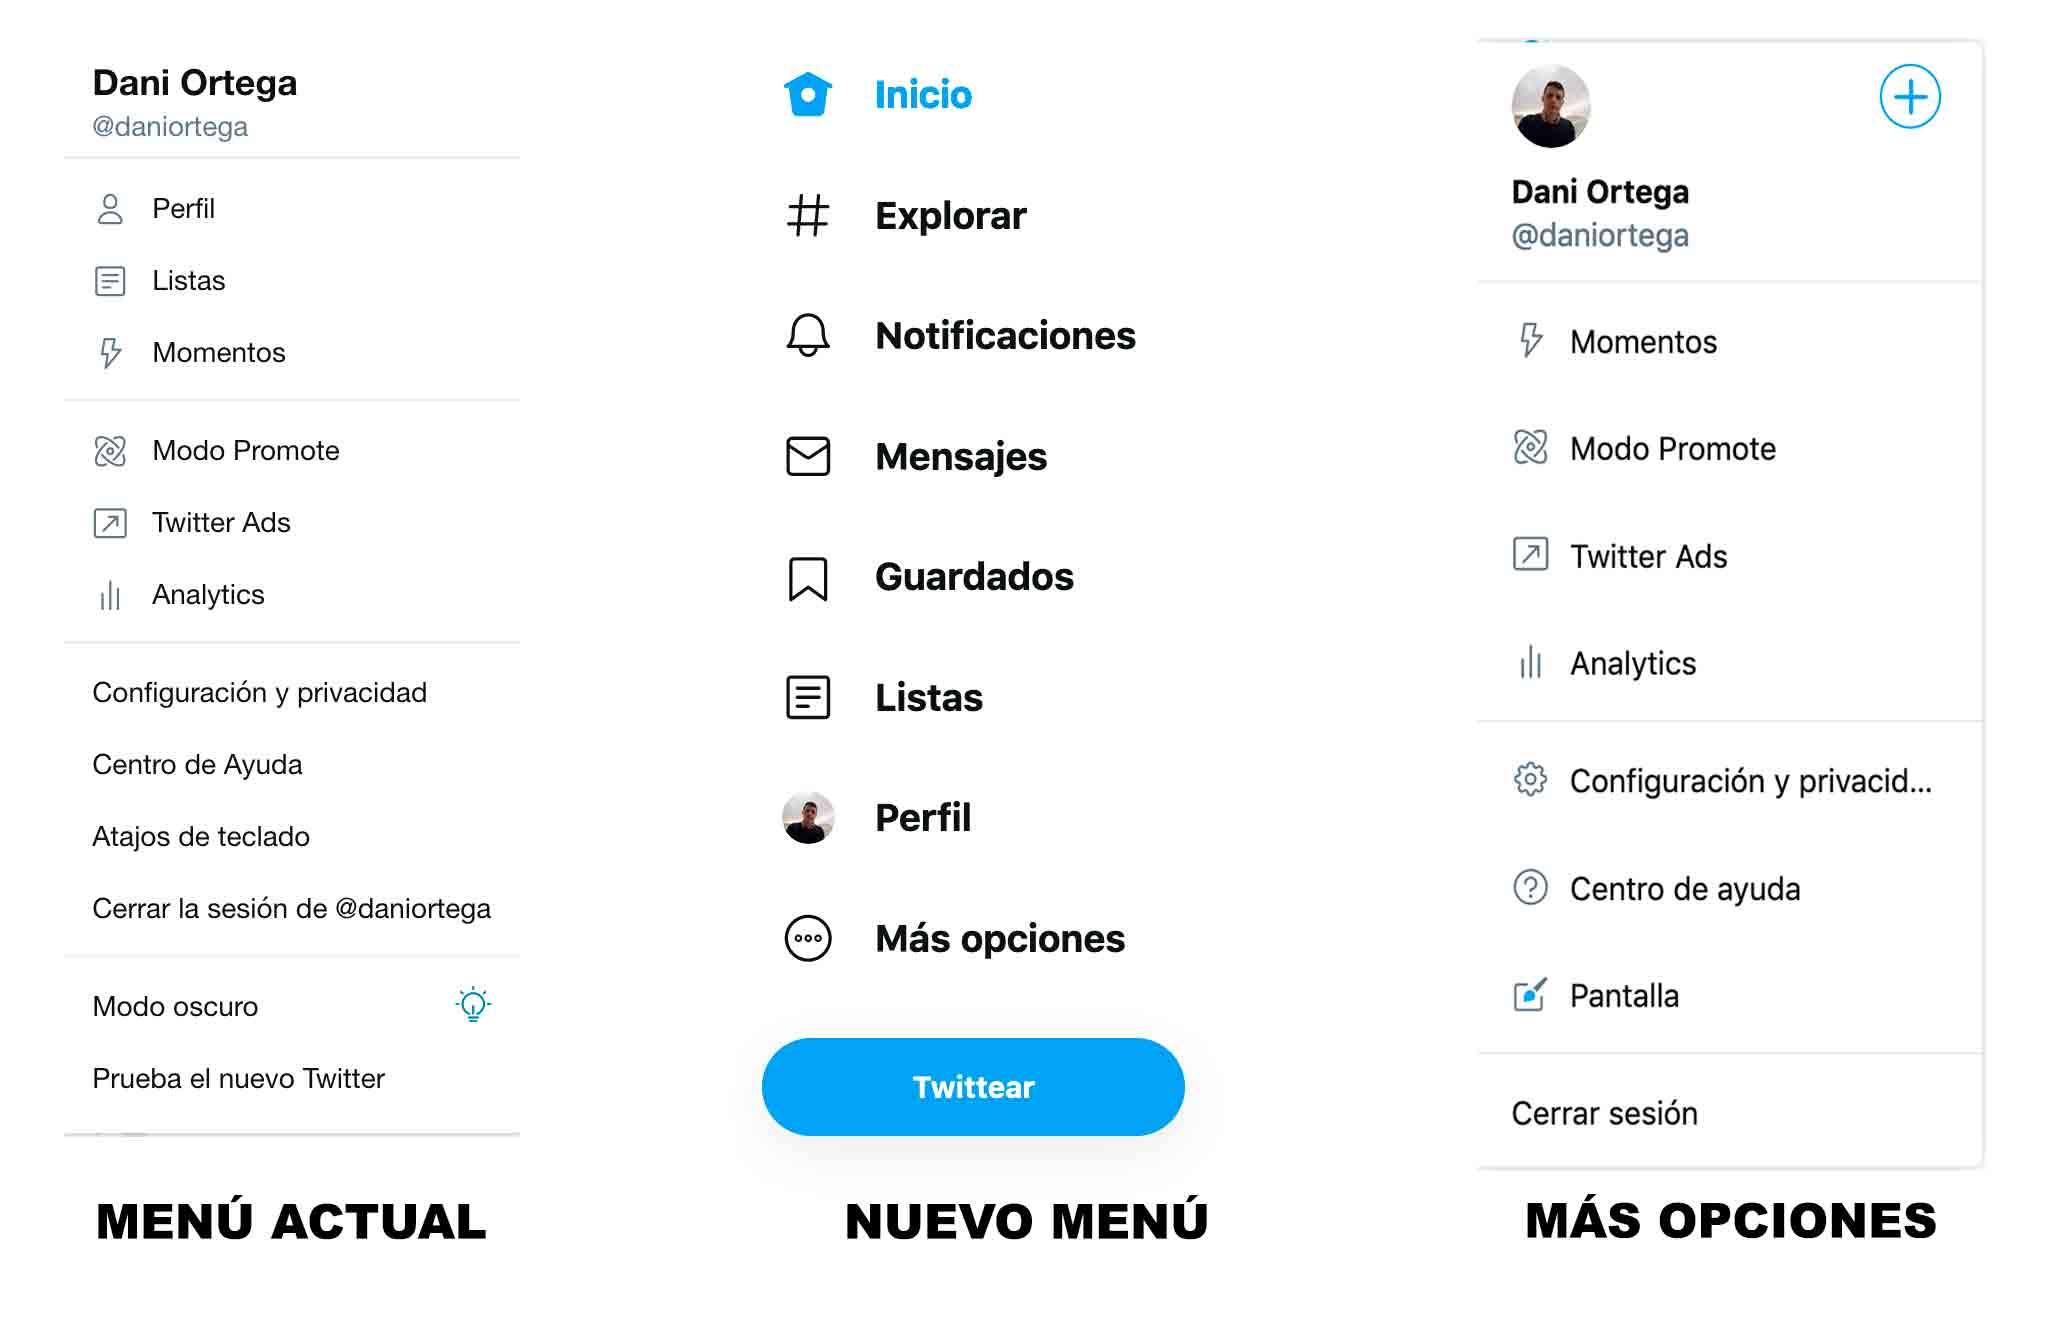 Nuevos menús de Twitter